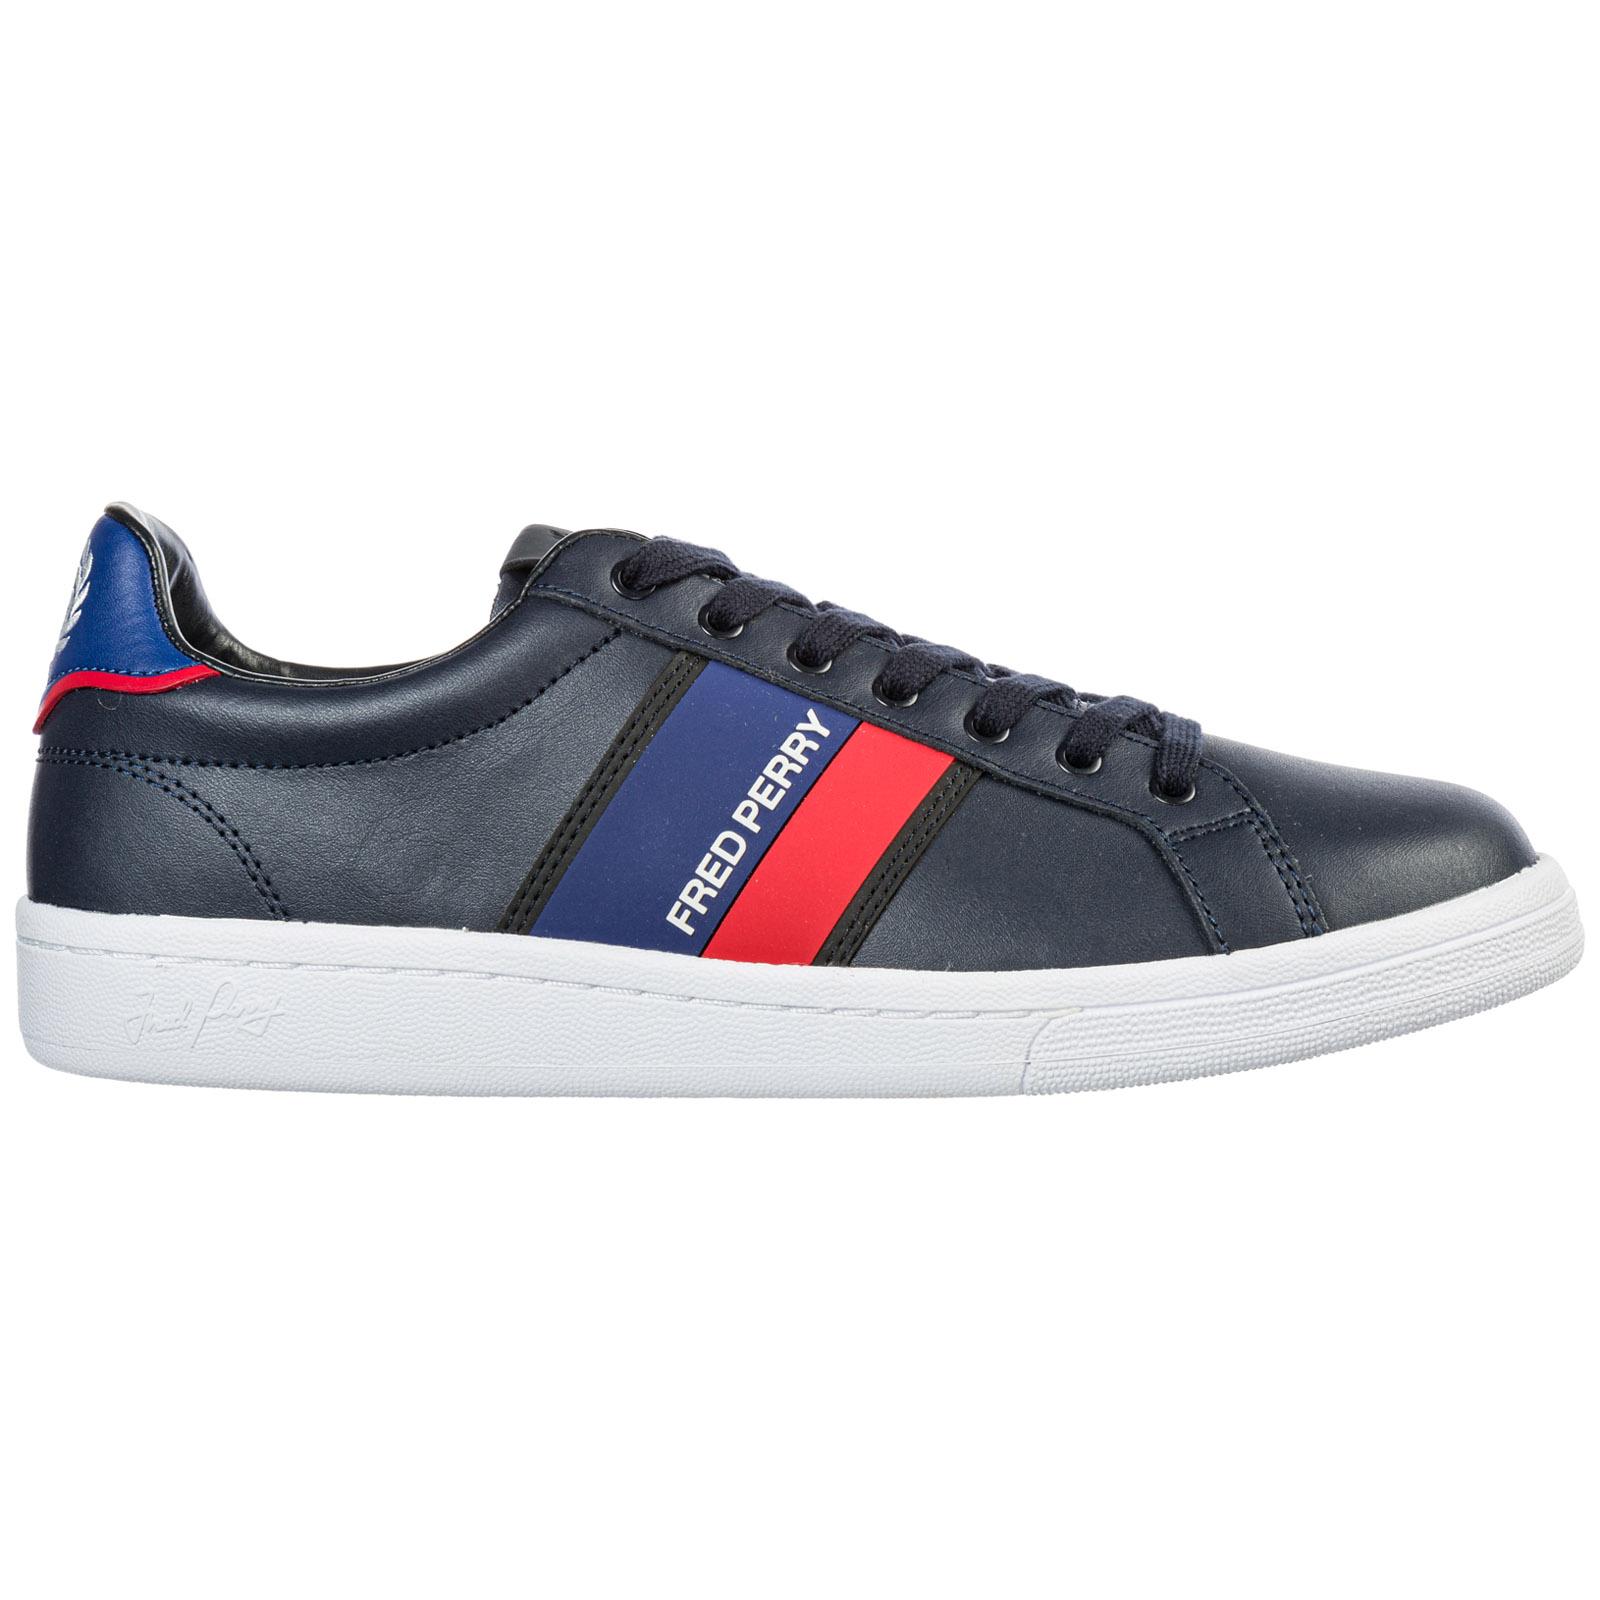 Adidas Damen Für Weiß Samba W Schuhe Blau QhrdCstx